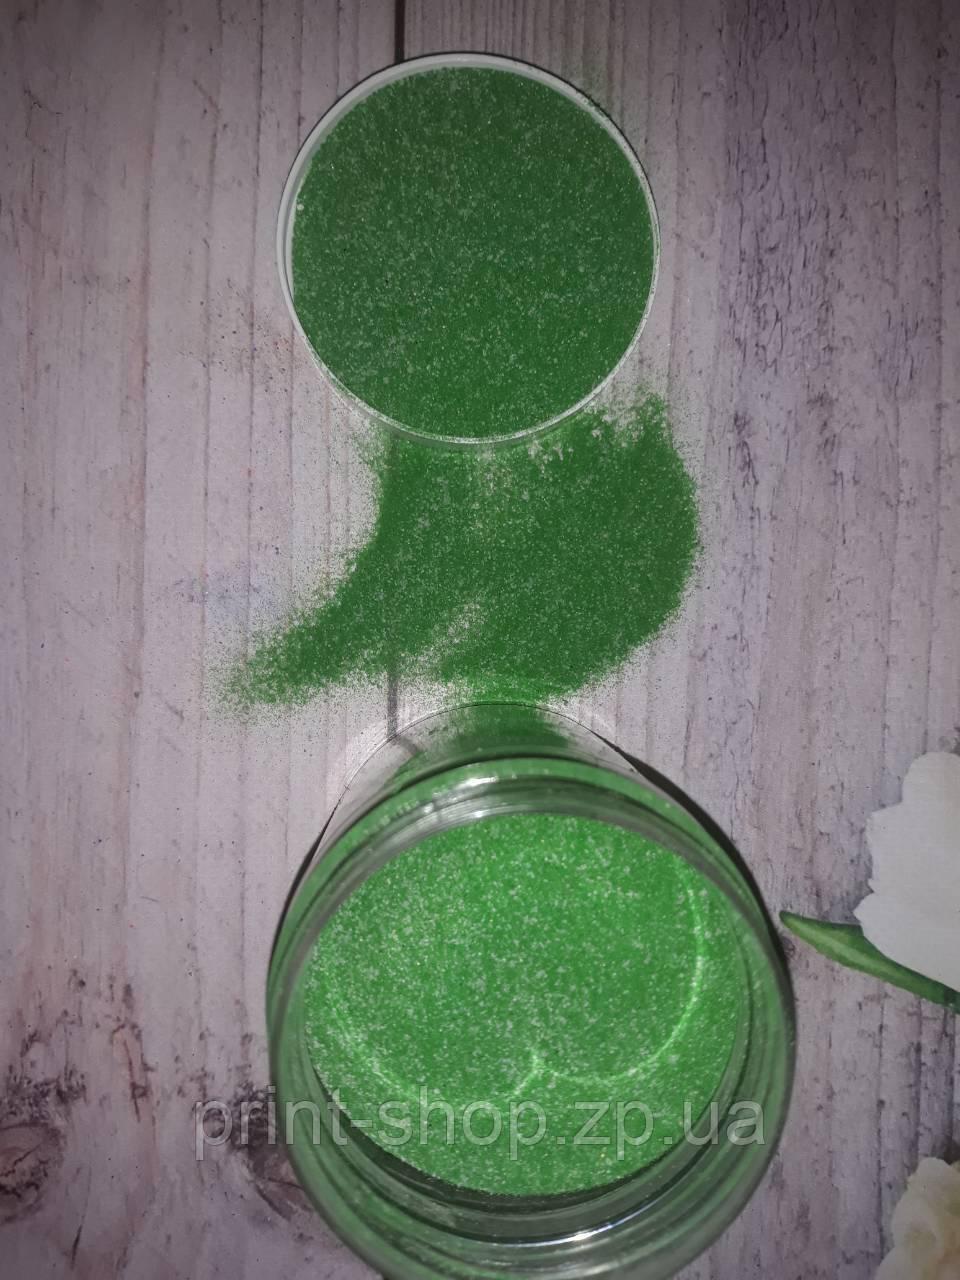 Зеленый цветной песок для песочной церемонии и аннимаций. Кольоровий пісок. 250 грамм